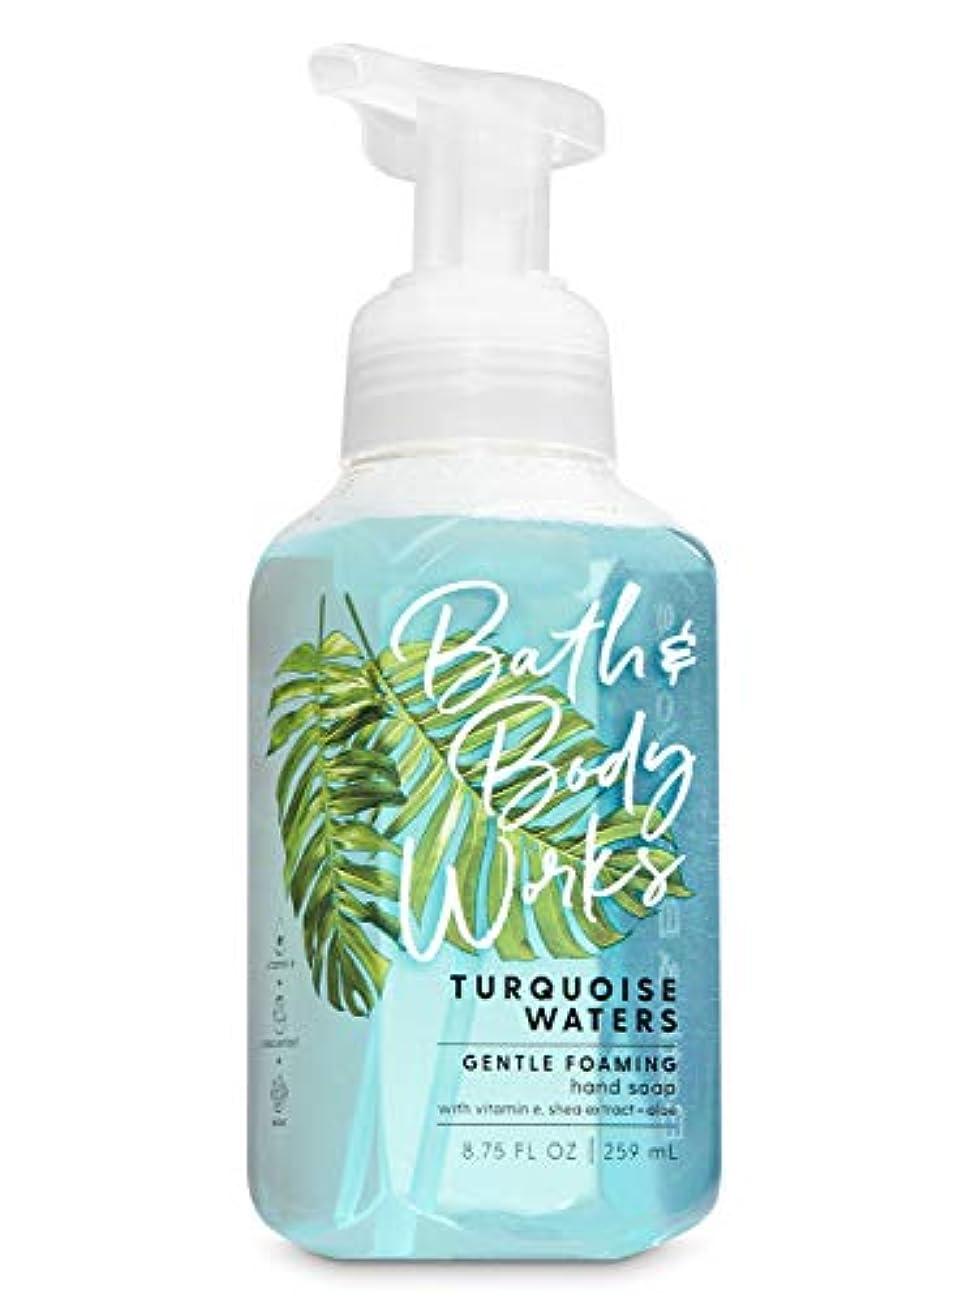 ヨーグルト繊毛横たわるバス&ボディワークス ターコイズウォーター ジェントル フォーミング ハンドソープ Turquoise Waters Gentle Foaming Hand Soap